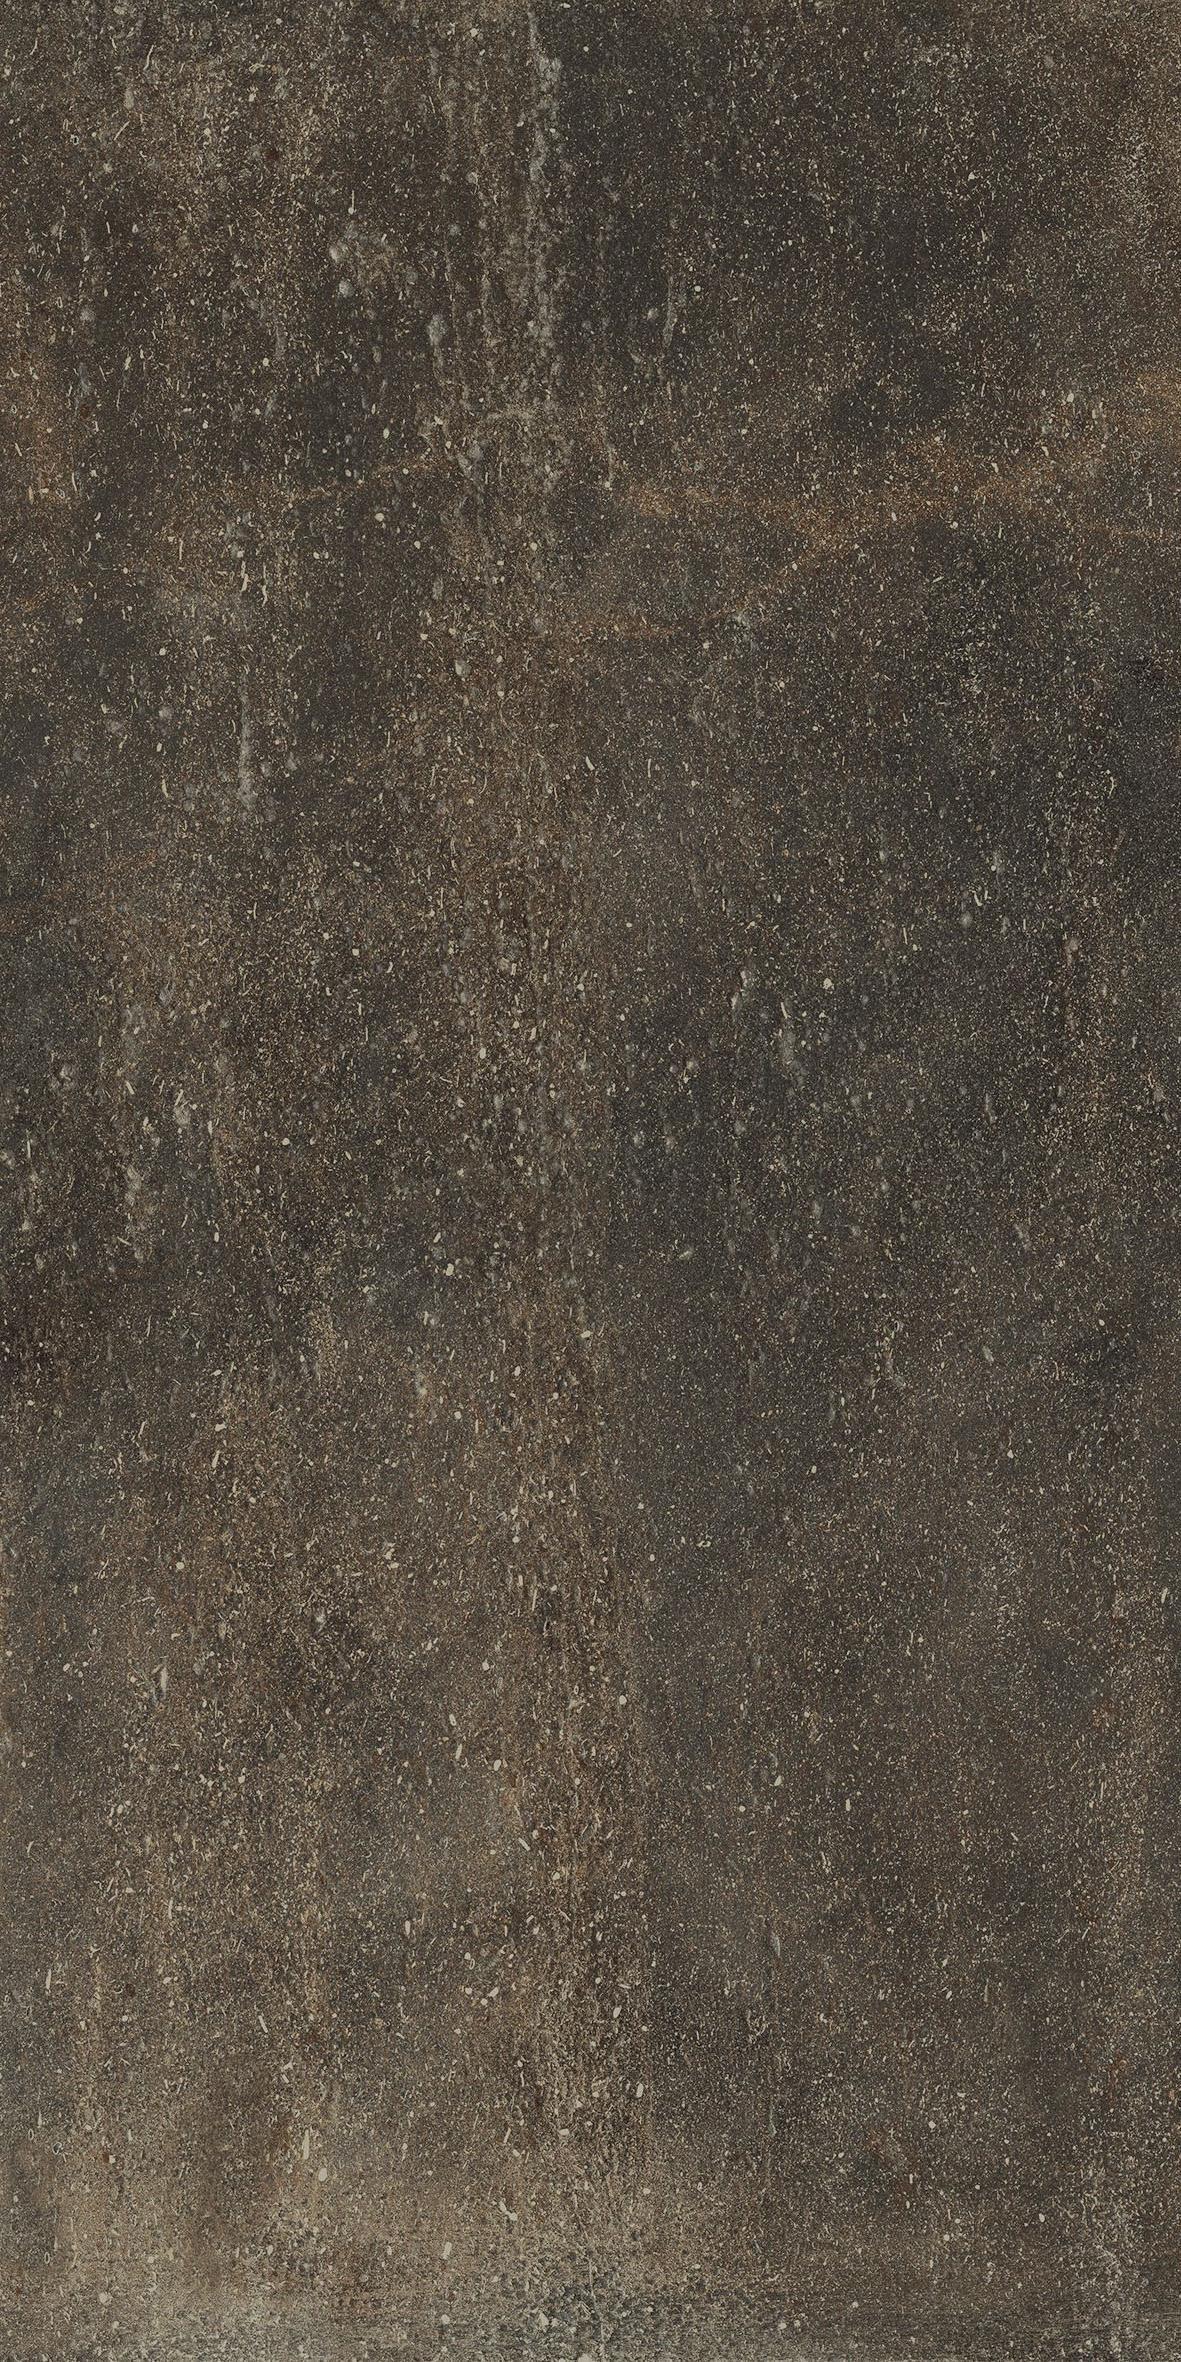 плитка из керамогранита структурированная italon дженезис 30x60 серый 610010001387 Плитка из керамогранита структурированная Italon Дженезис 30x60 коричневый (610010001388)